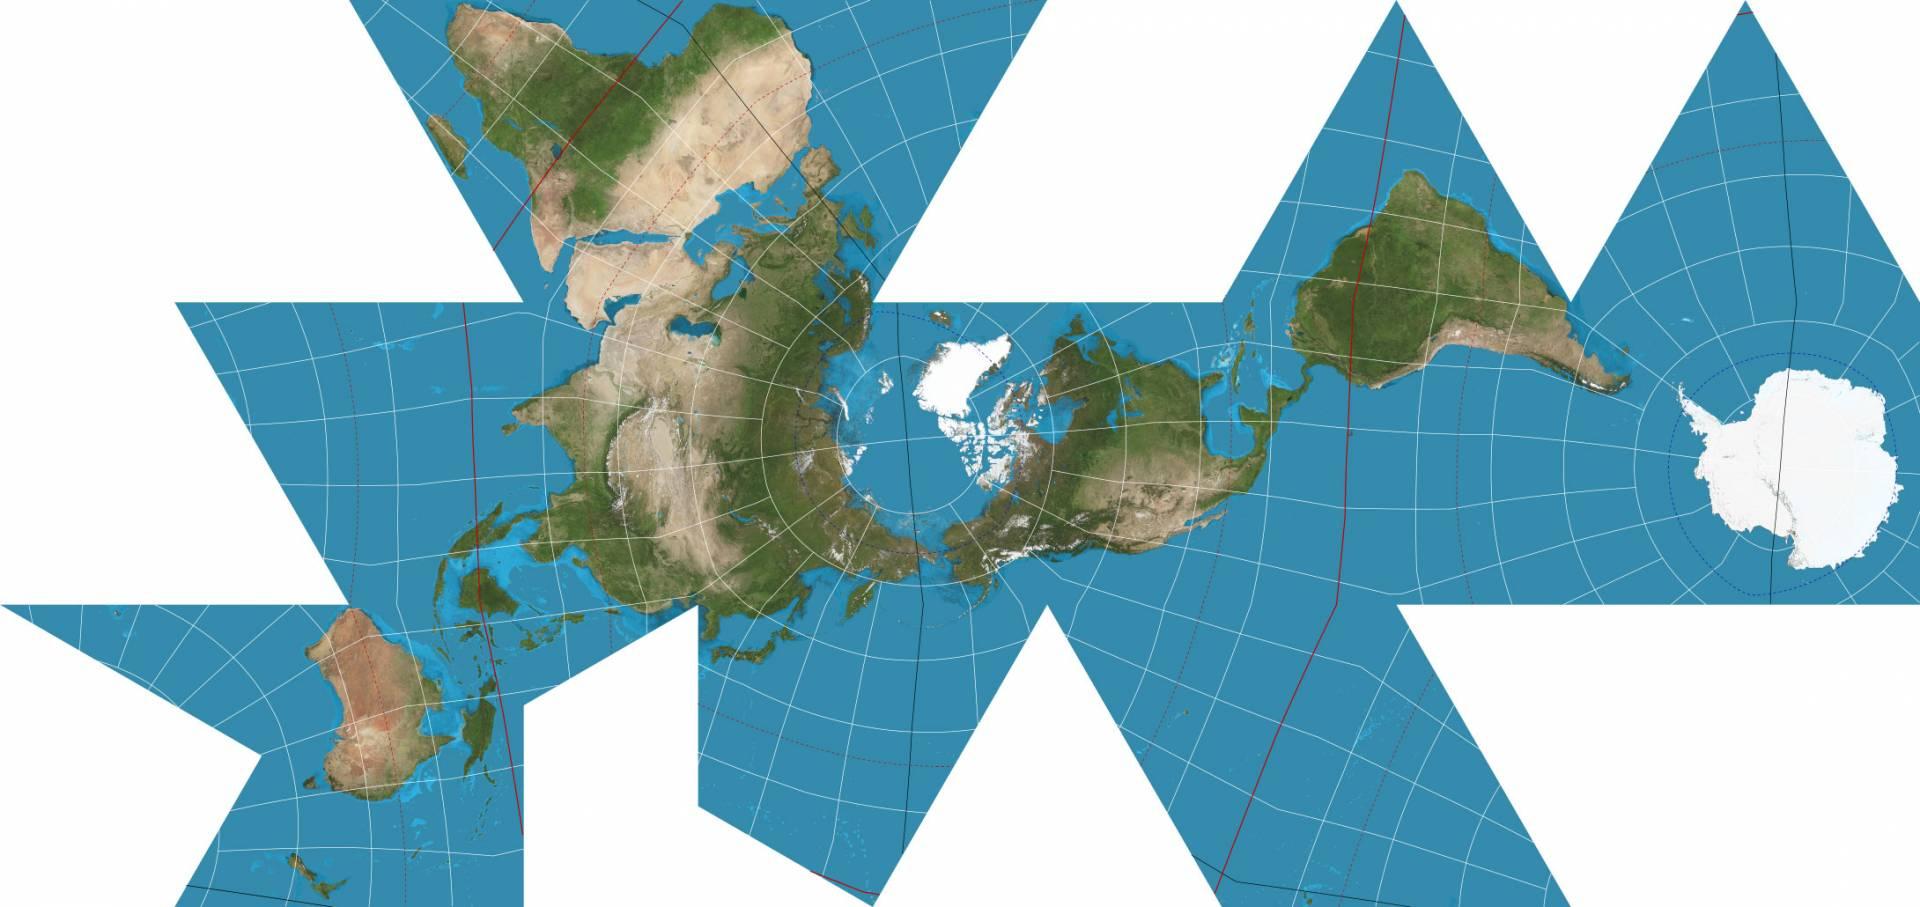 خريطة العالم الجديدة